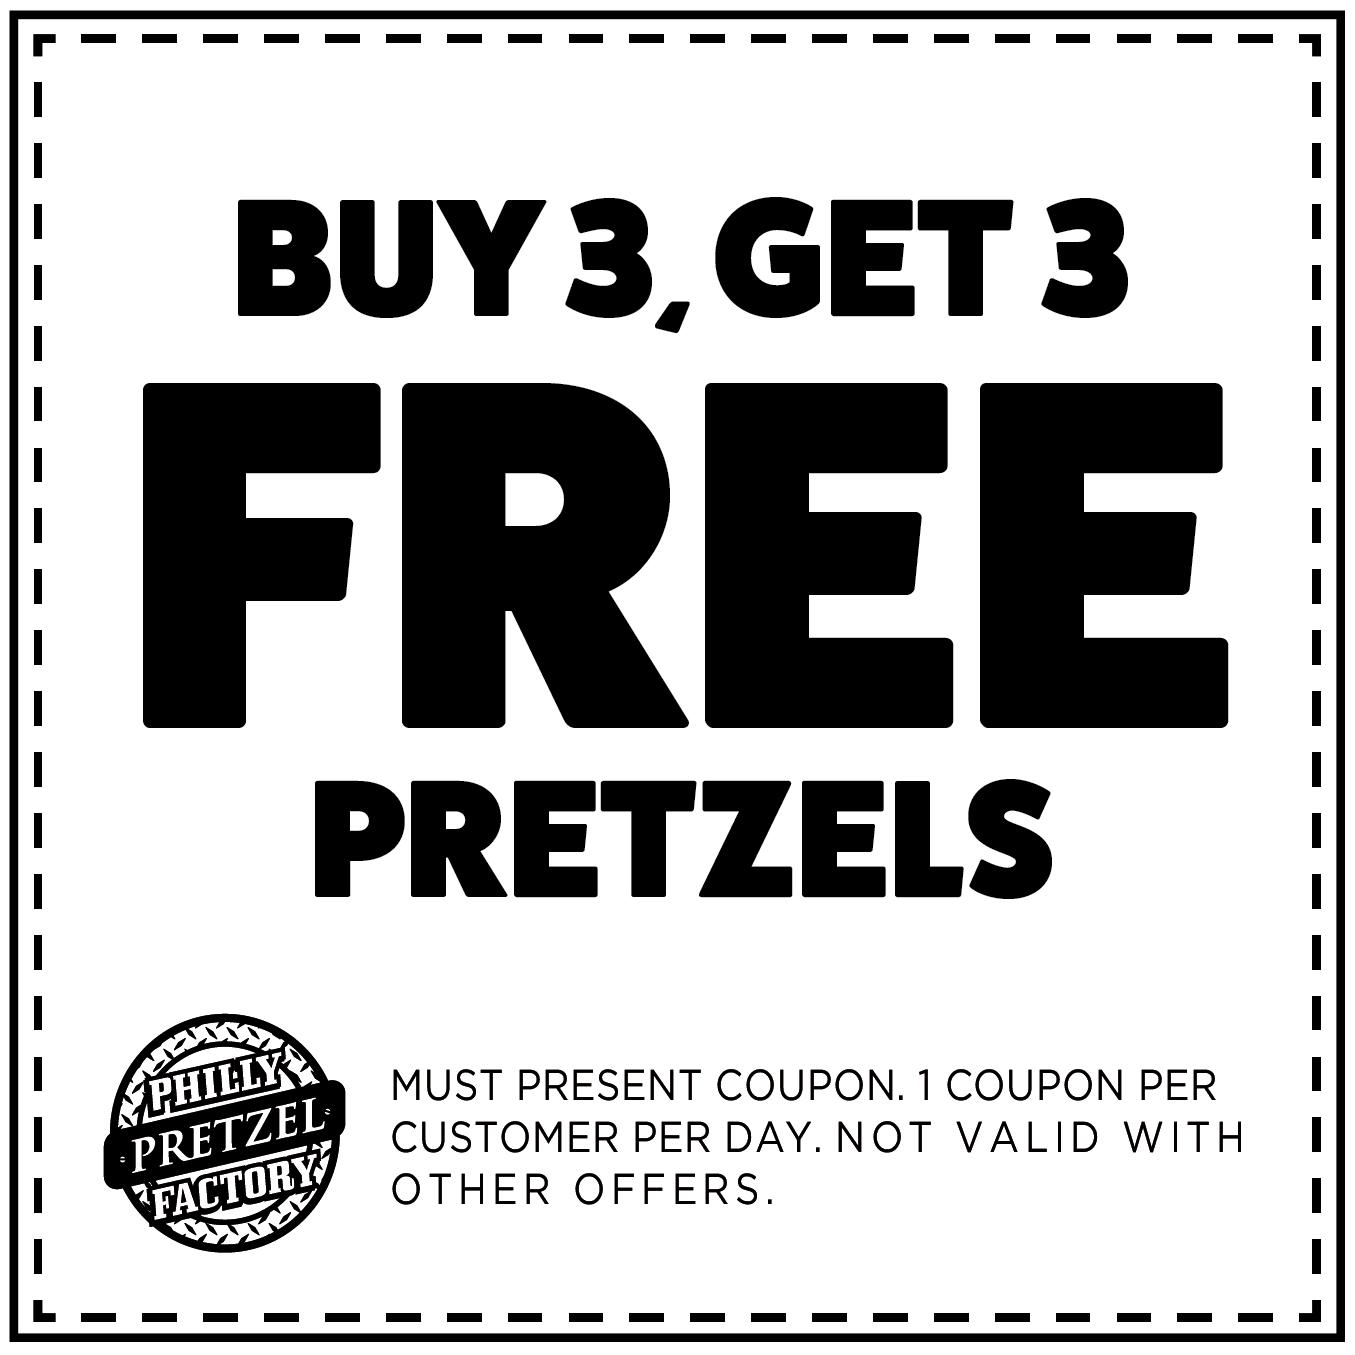 Buy 3, Get 3 Free Pretzels